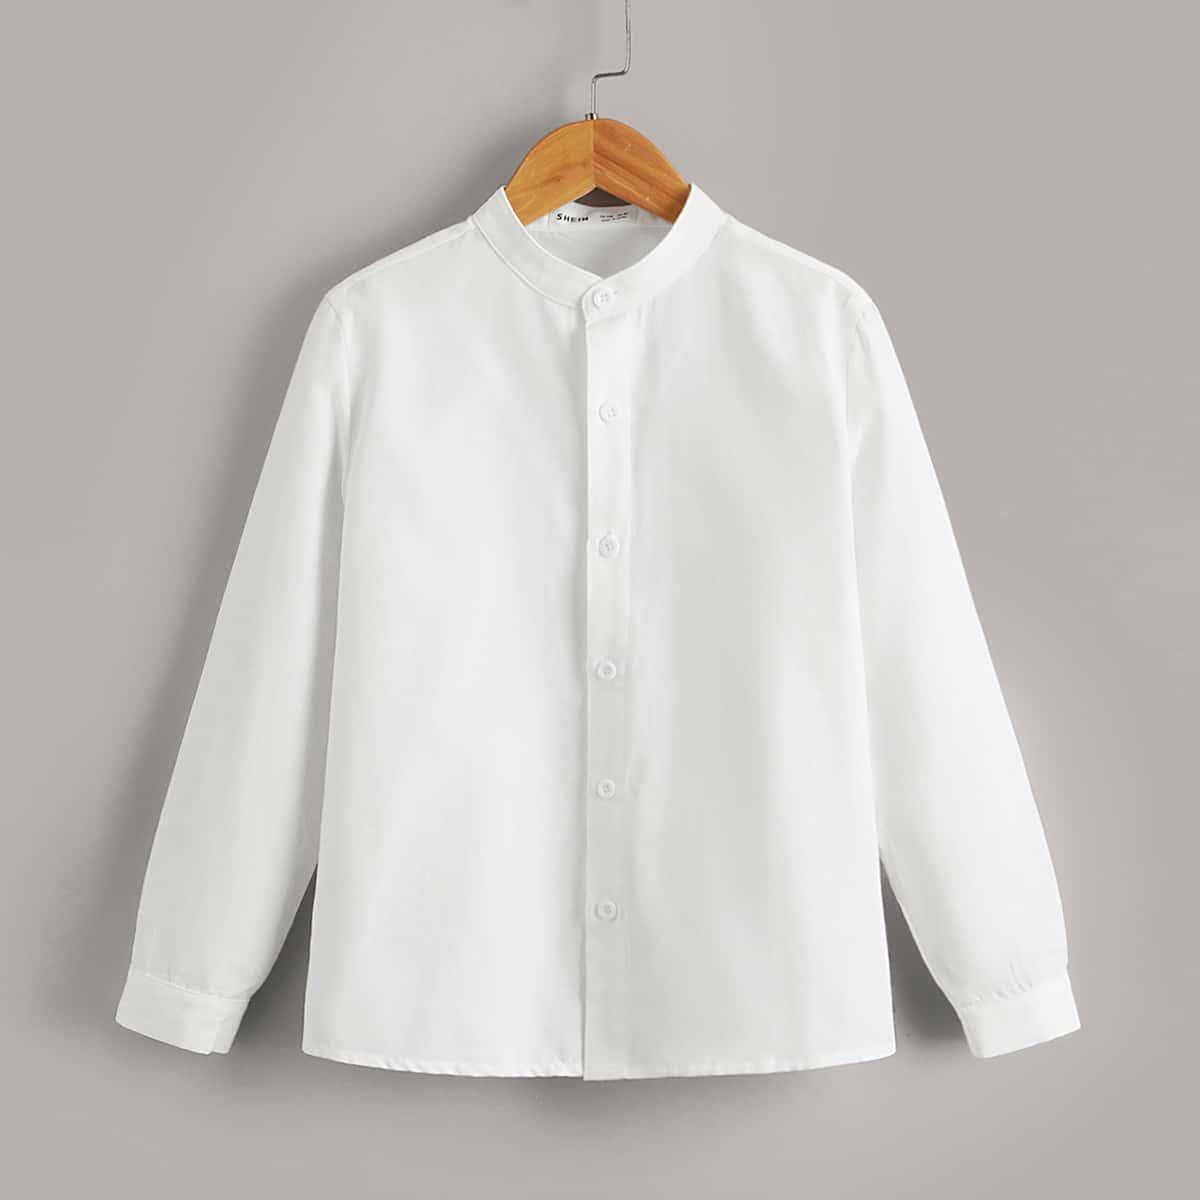 Однотонная рубашка на пуговицах для мальчиков